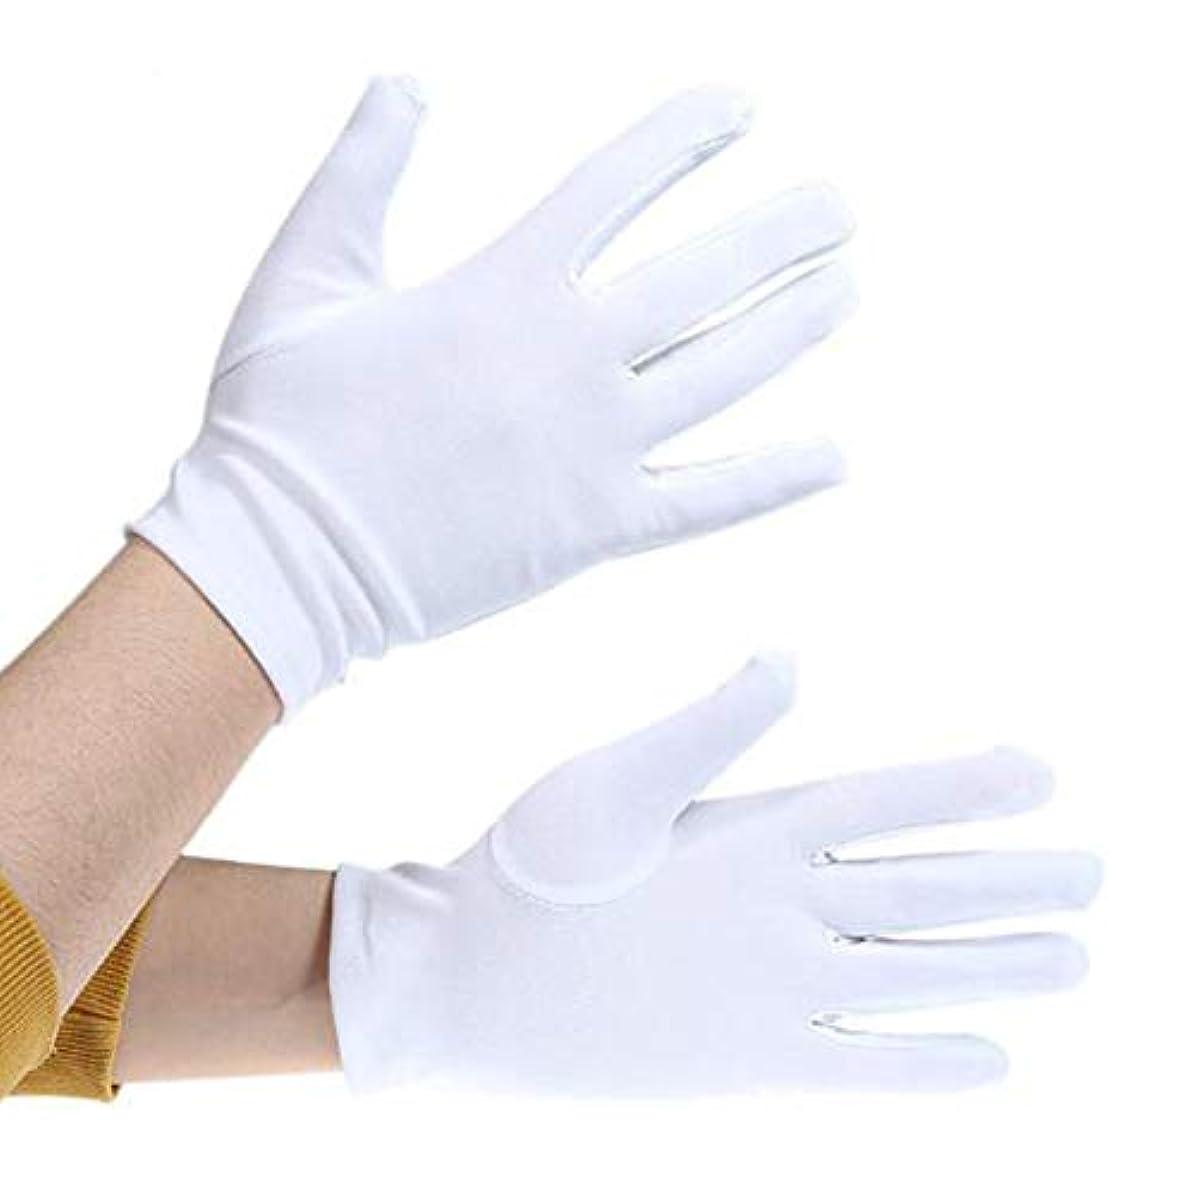 無駄なボール良さ白手袋薄 礼装用 ジュエリーグローブ時計 貴金属 宝石 接客用 品質管理用 作業用手ぶくろ,保護着用者